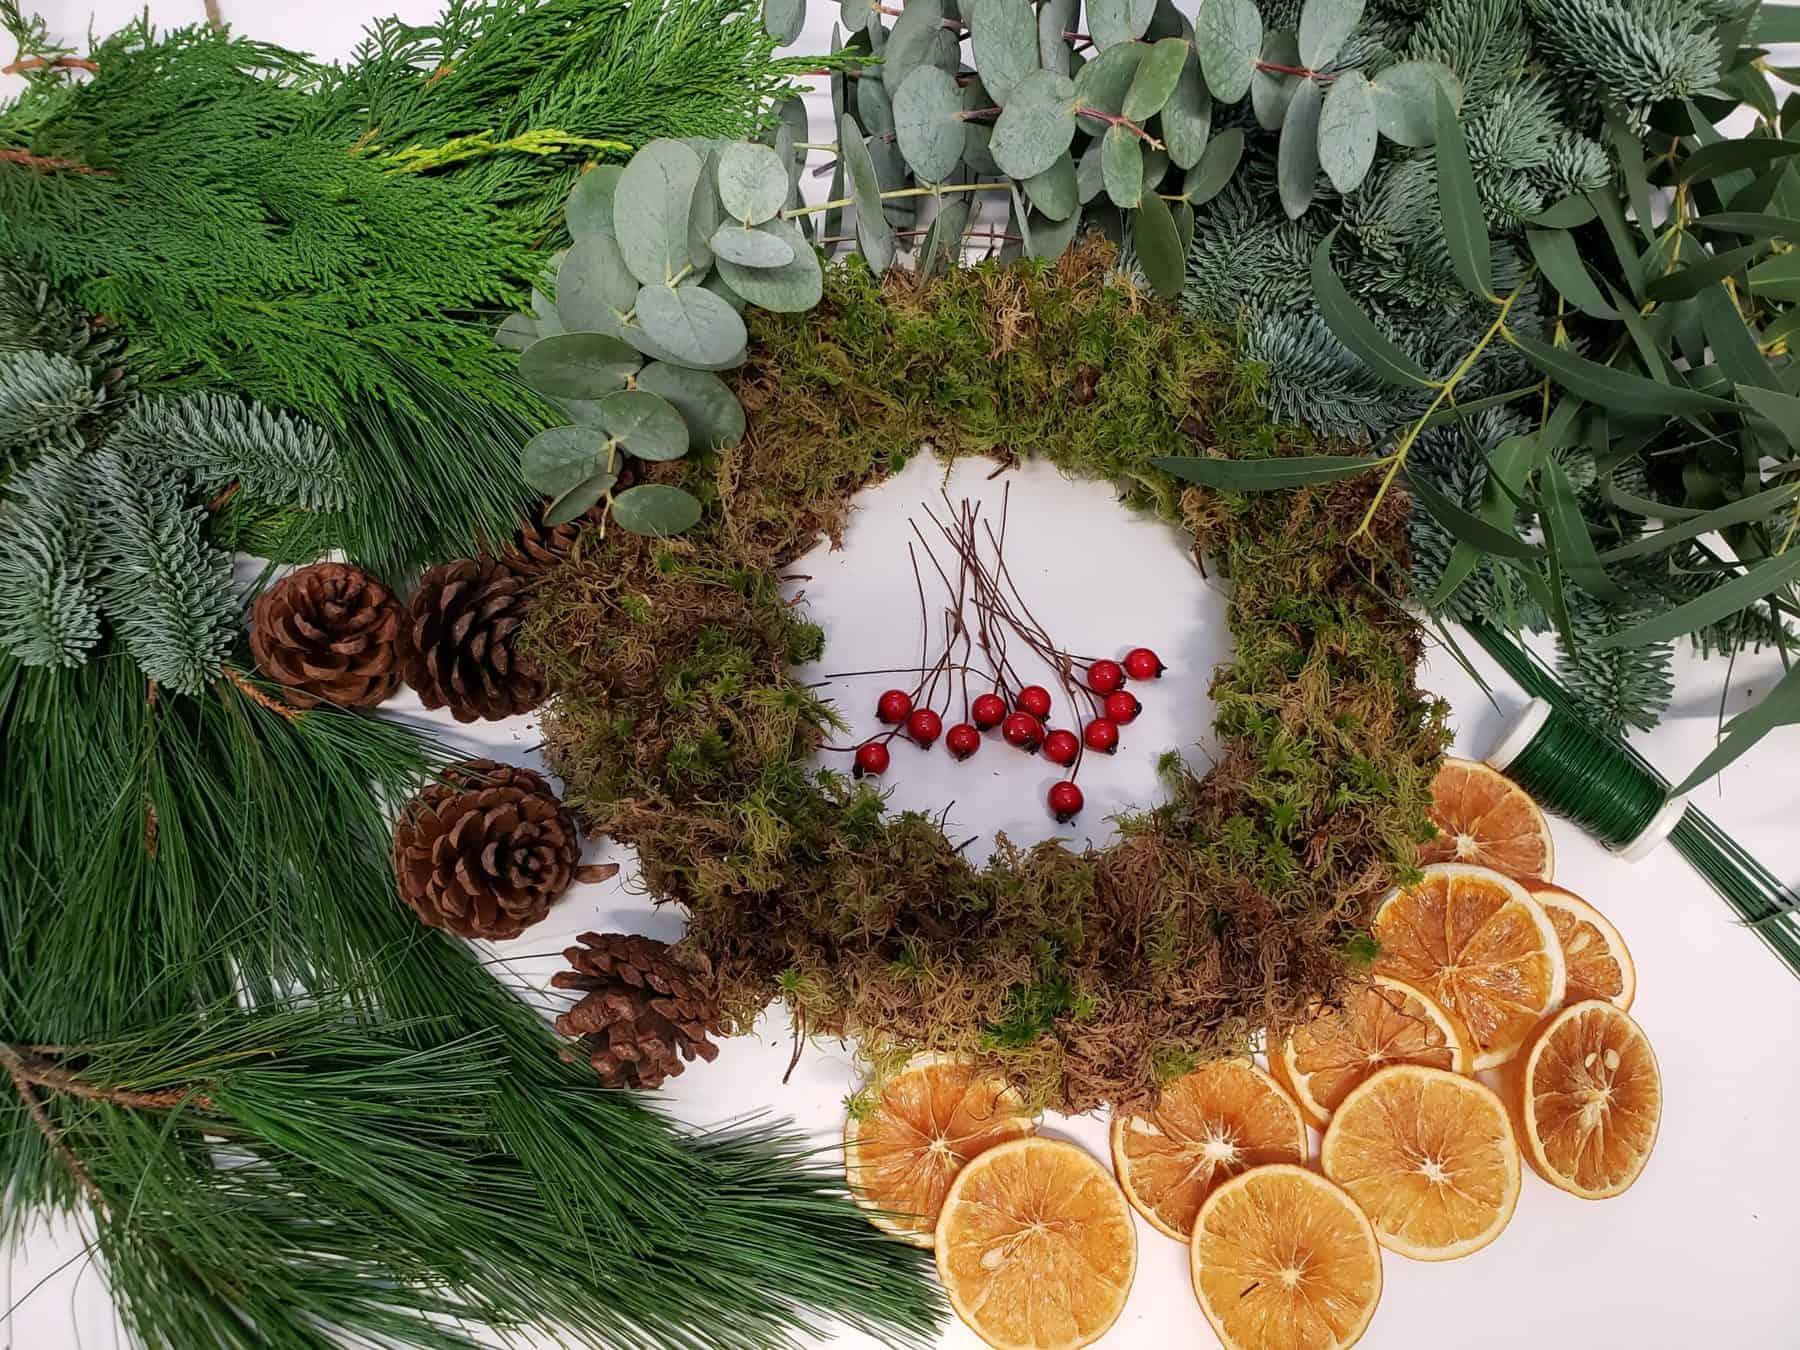 Luxury Diy Christmas Wreath Making Kit Flower La Vita Florist